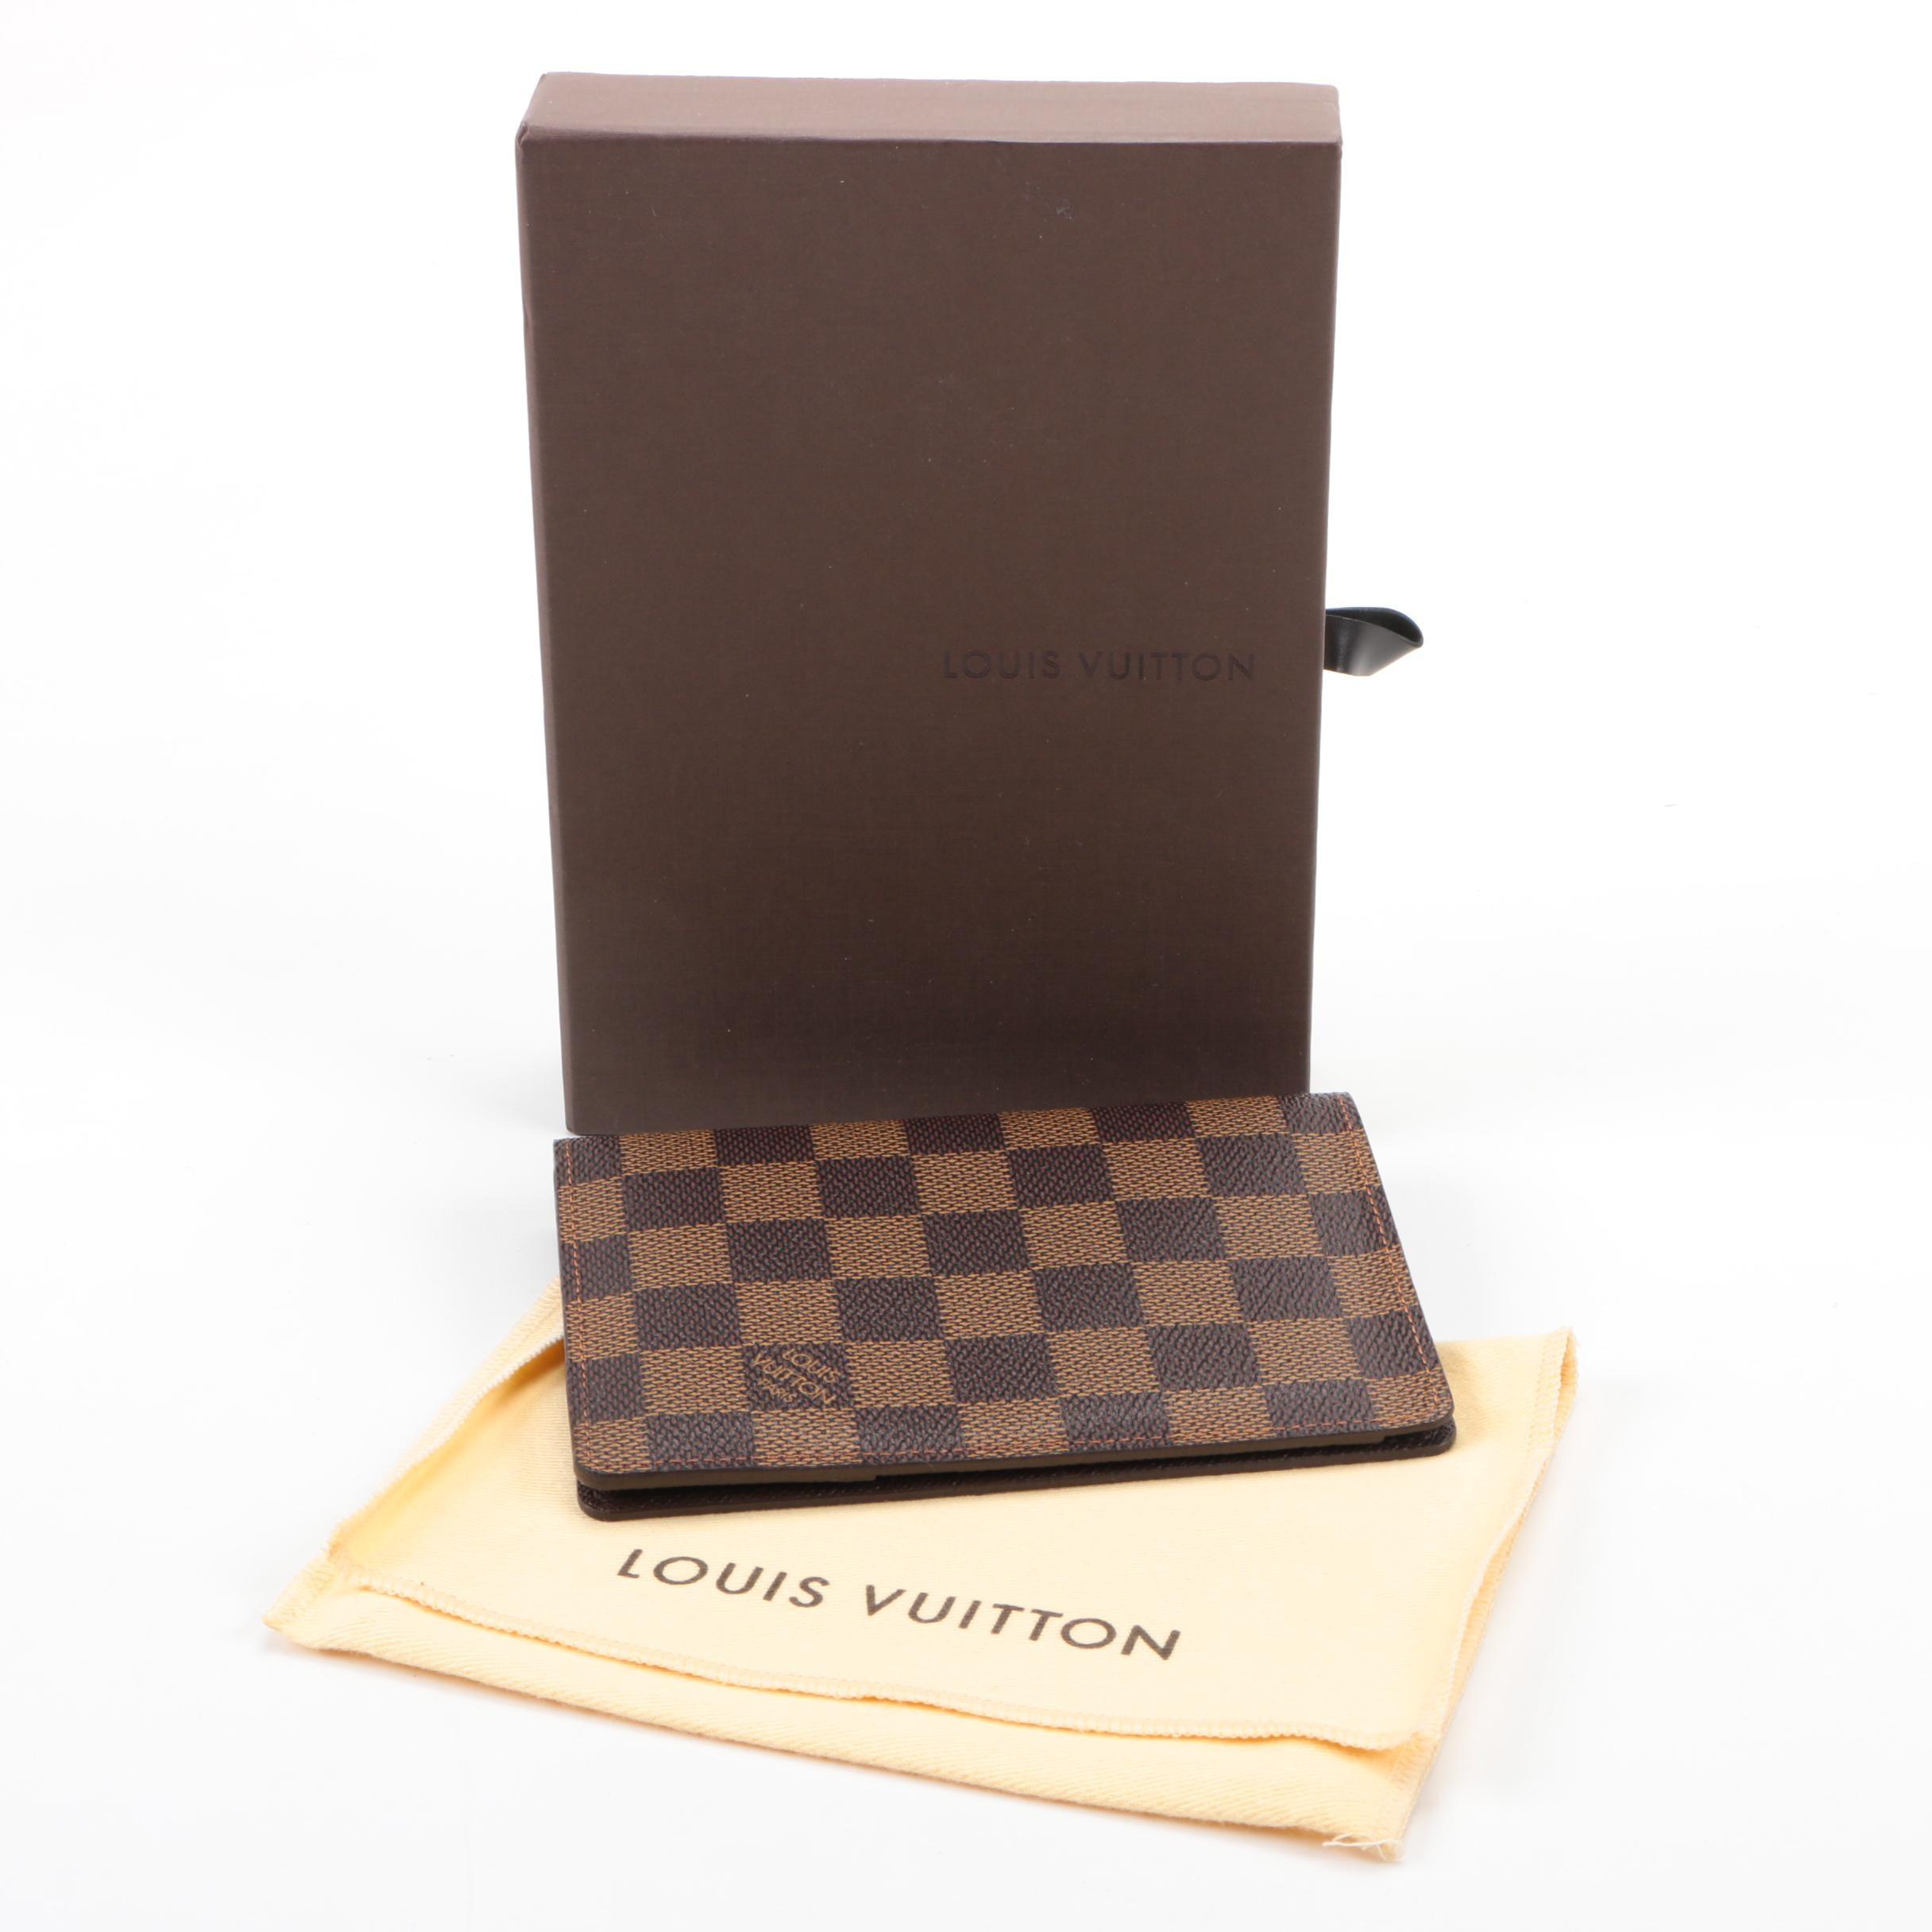 Louis Vuitton Damier Ebene Canvas Passport Holder